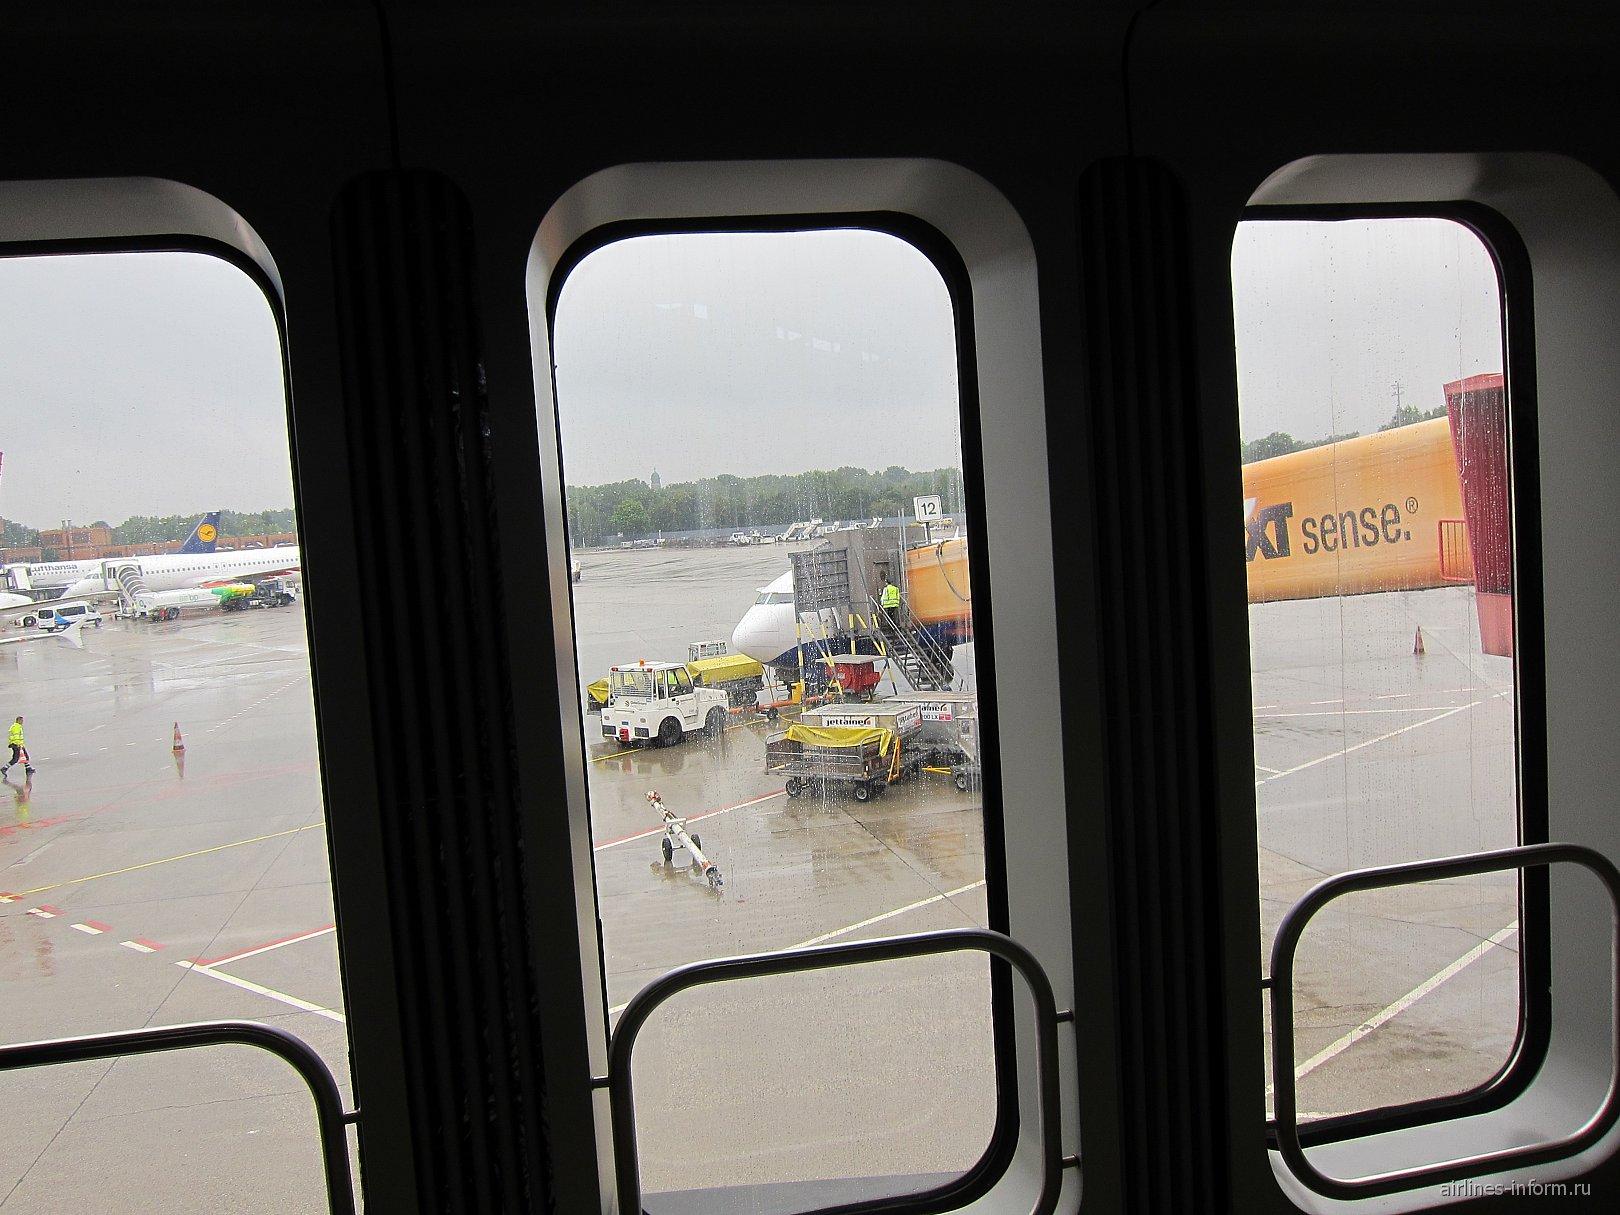 Самолет Трансаэро в аэропорту Берлин Тегель